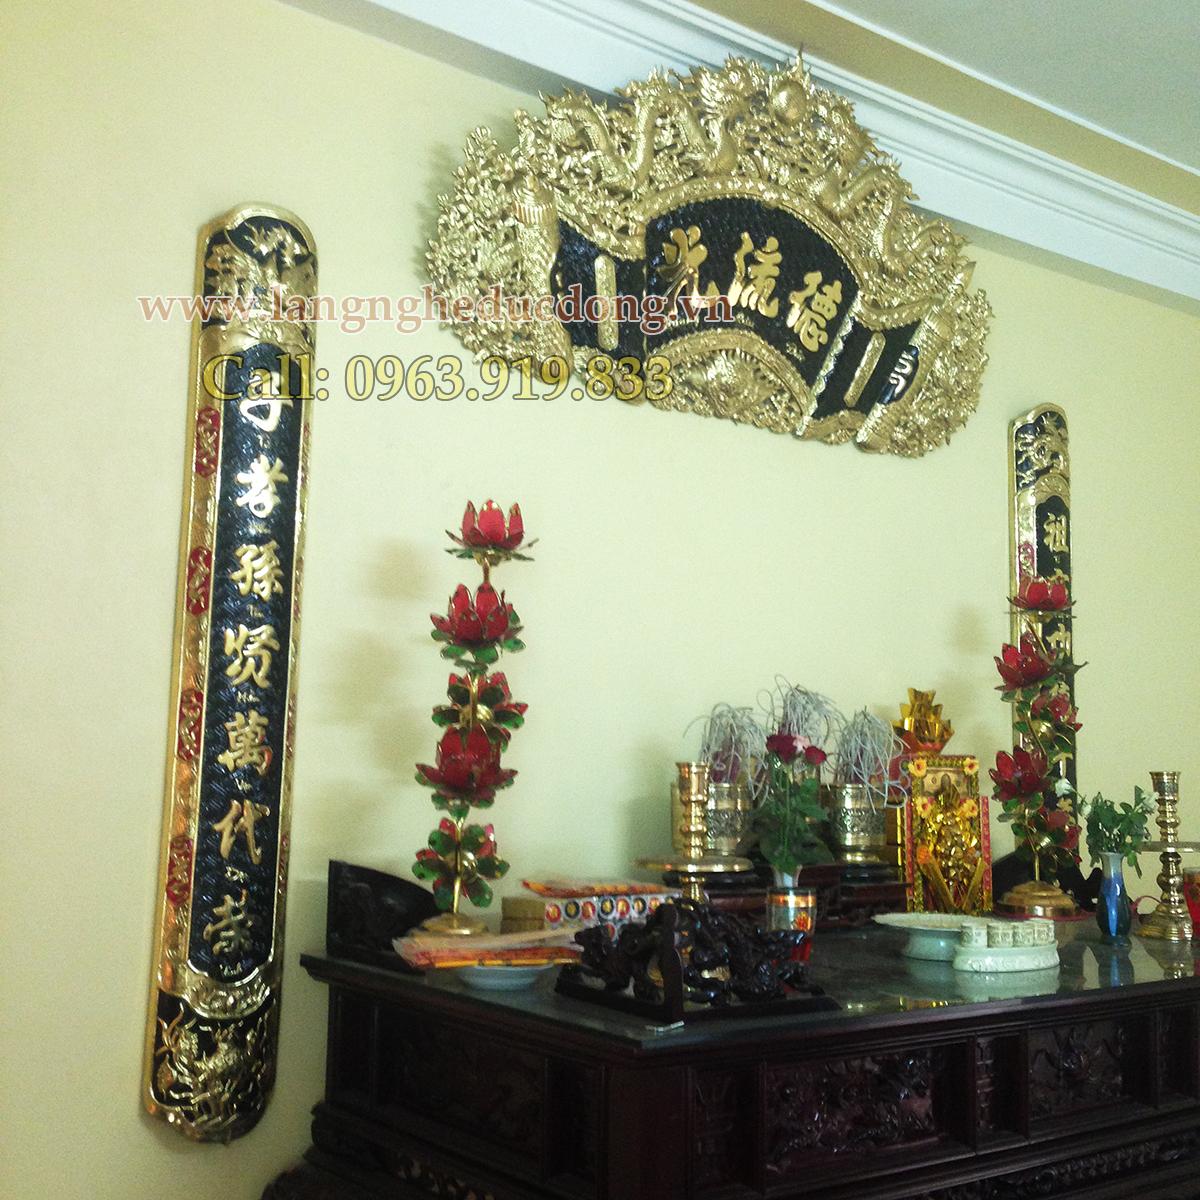 langngheducdong.vn - cuốn thư câu đối 155cm,cuốn thư Đức Lưu Quang gò đồng